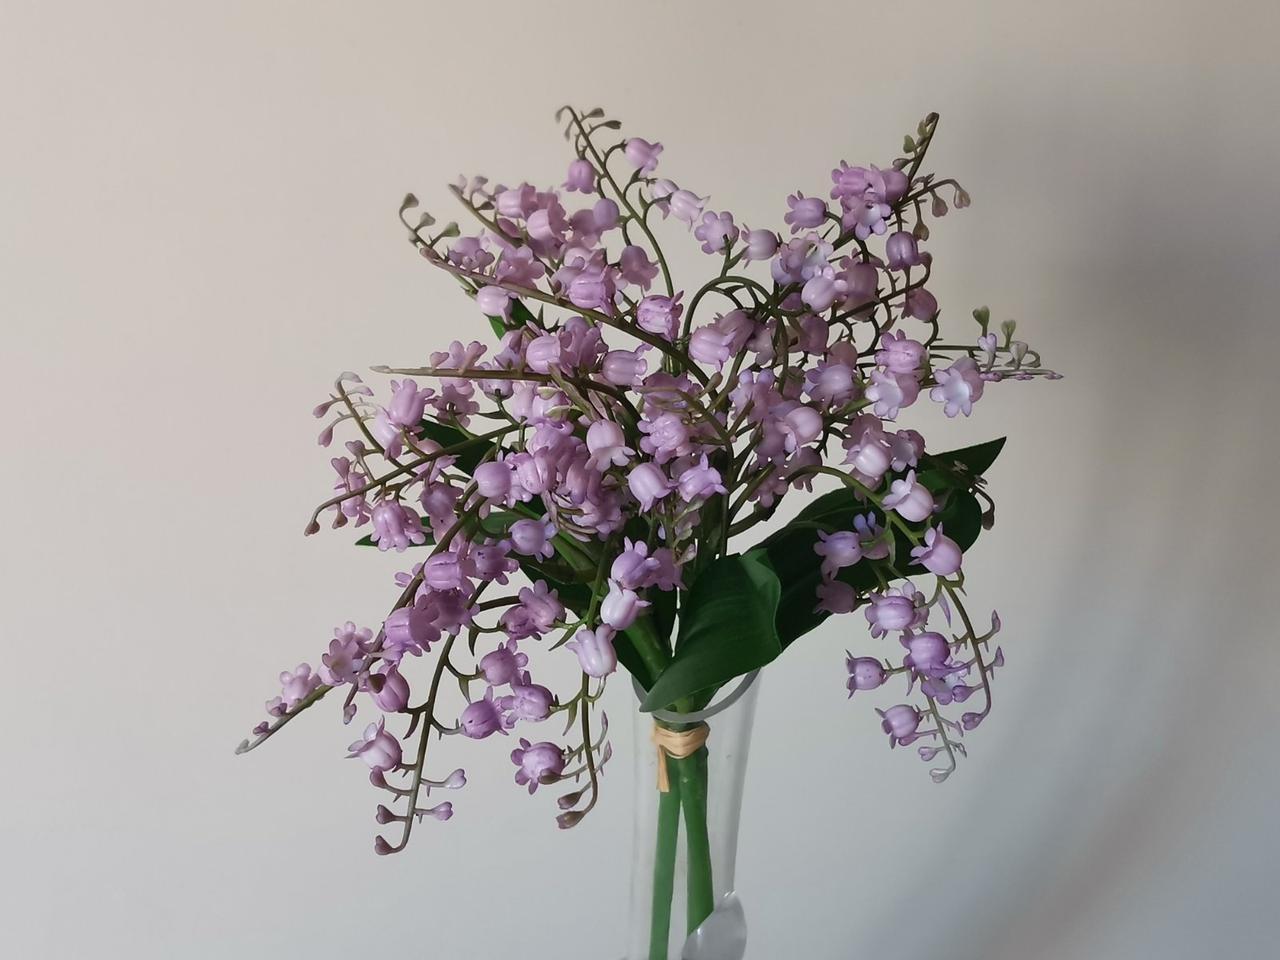 Искусственные цветы. Букет ландышей, нежно-фиолетовый.